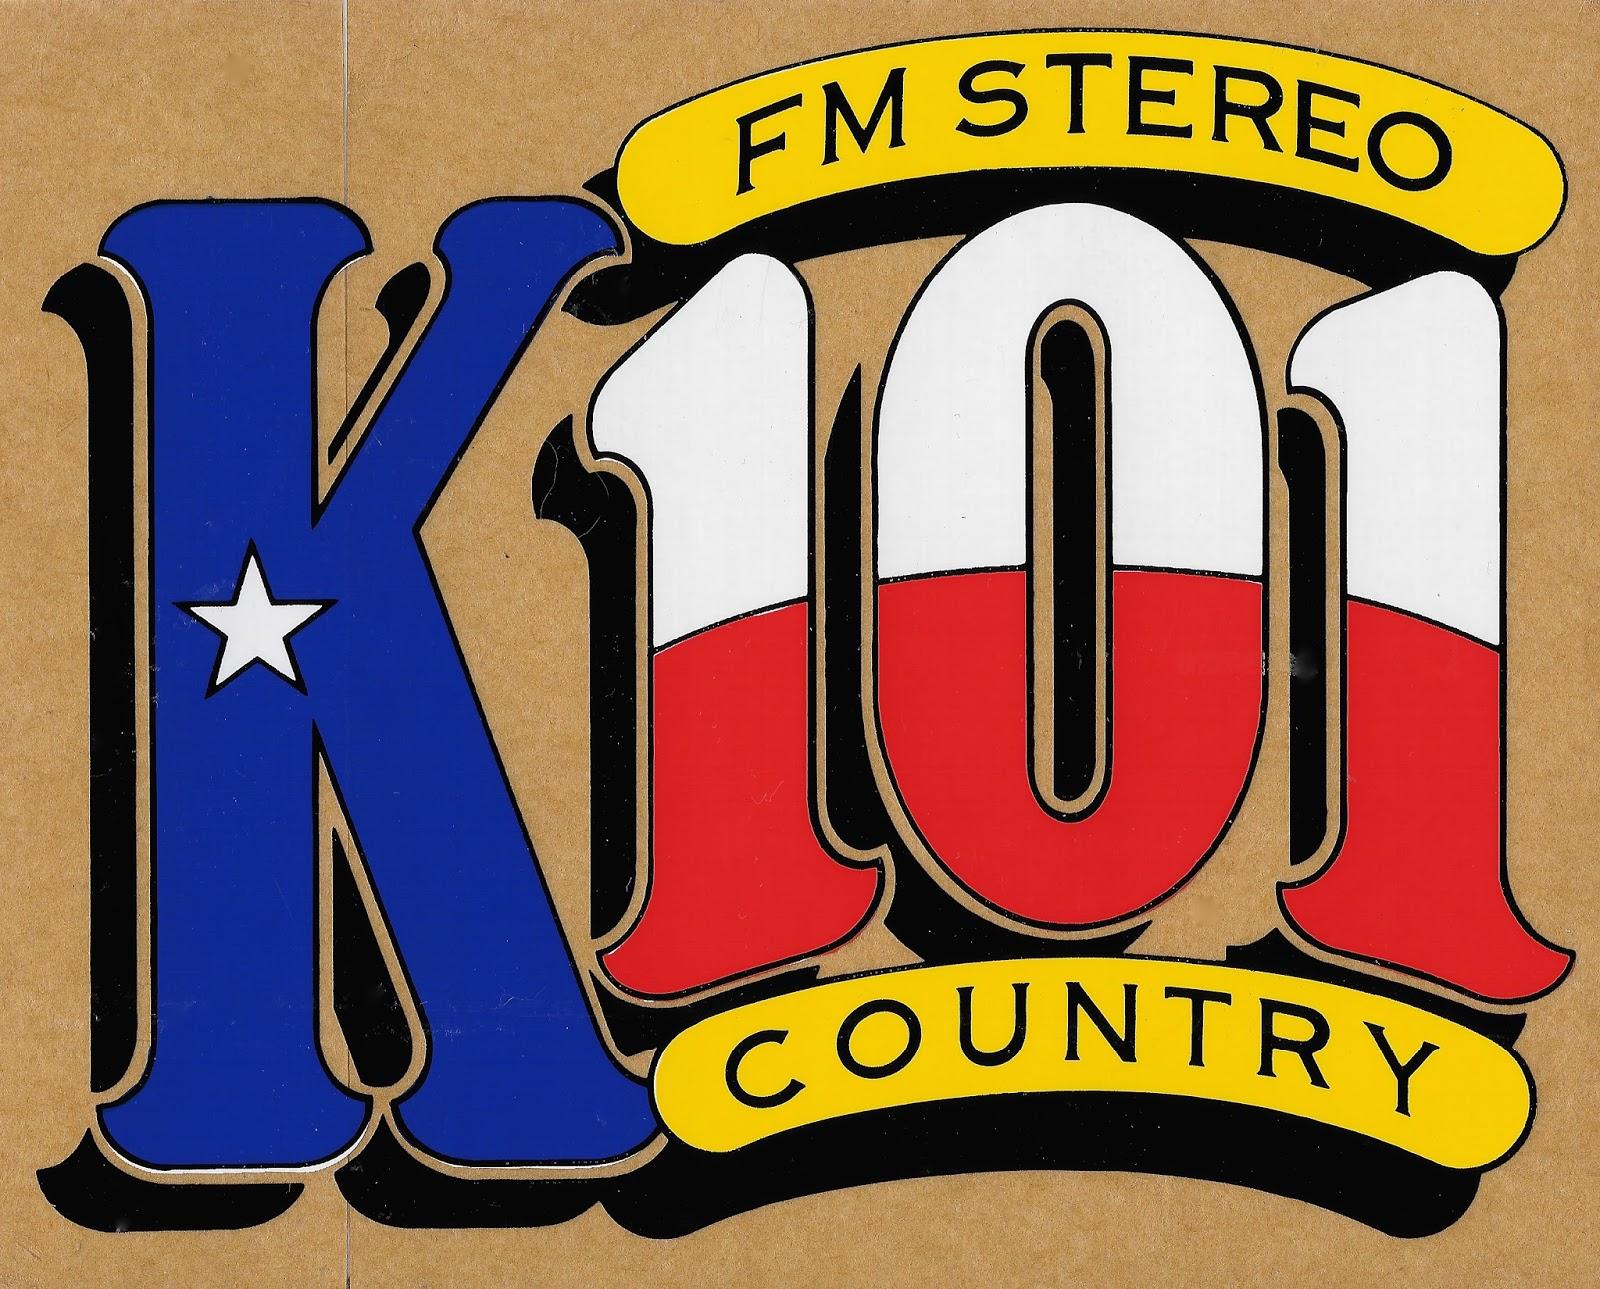 KASE-FM